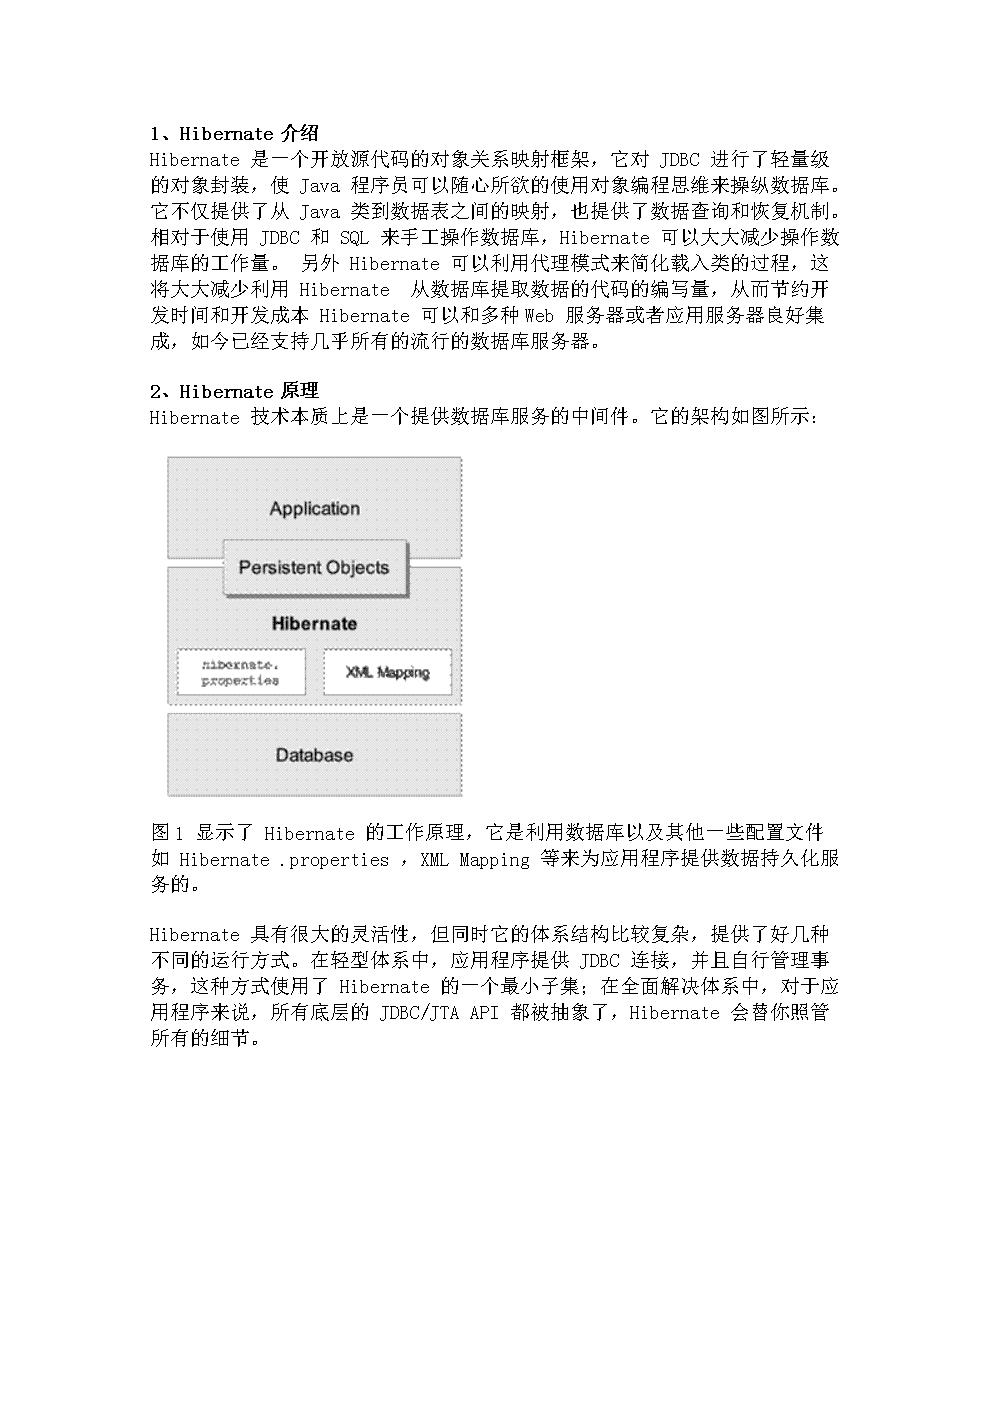 Hibernate 简单介绍与图示原理.doc